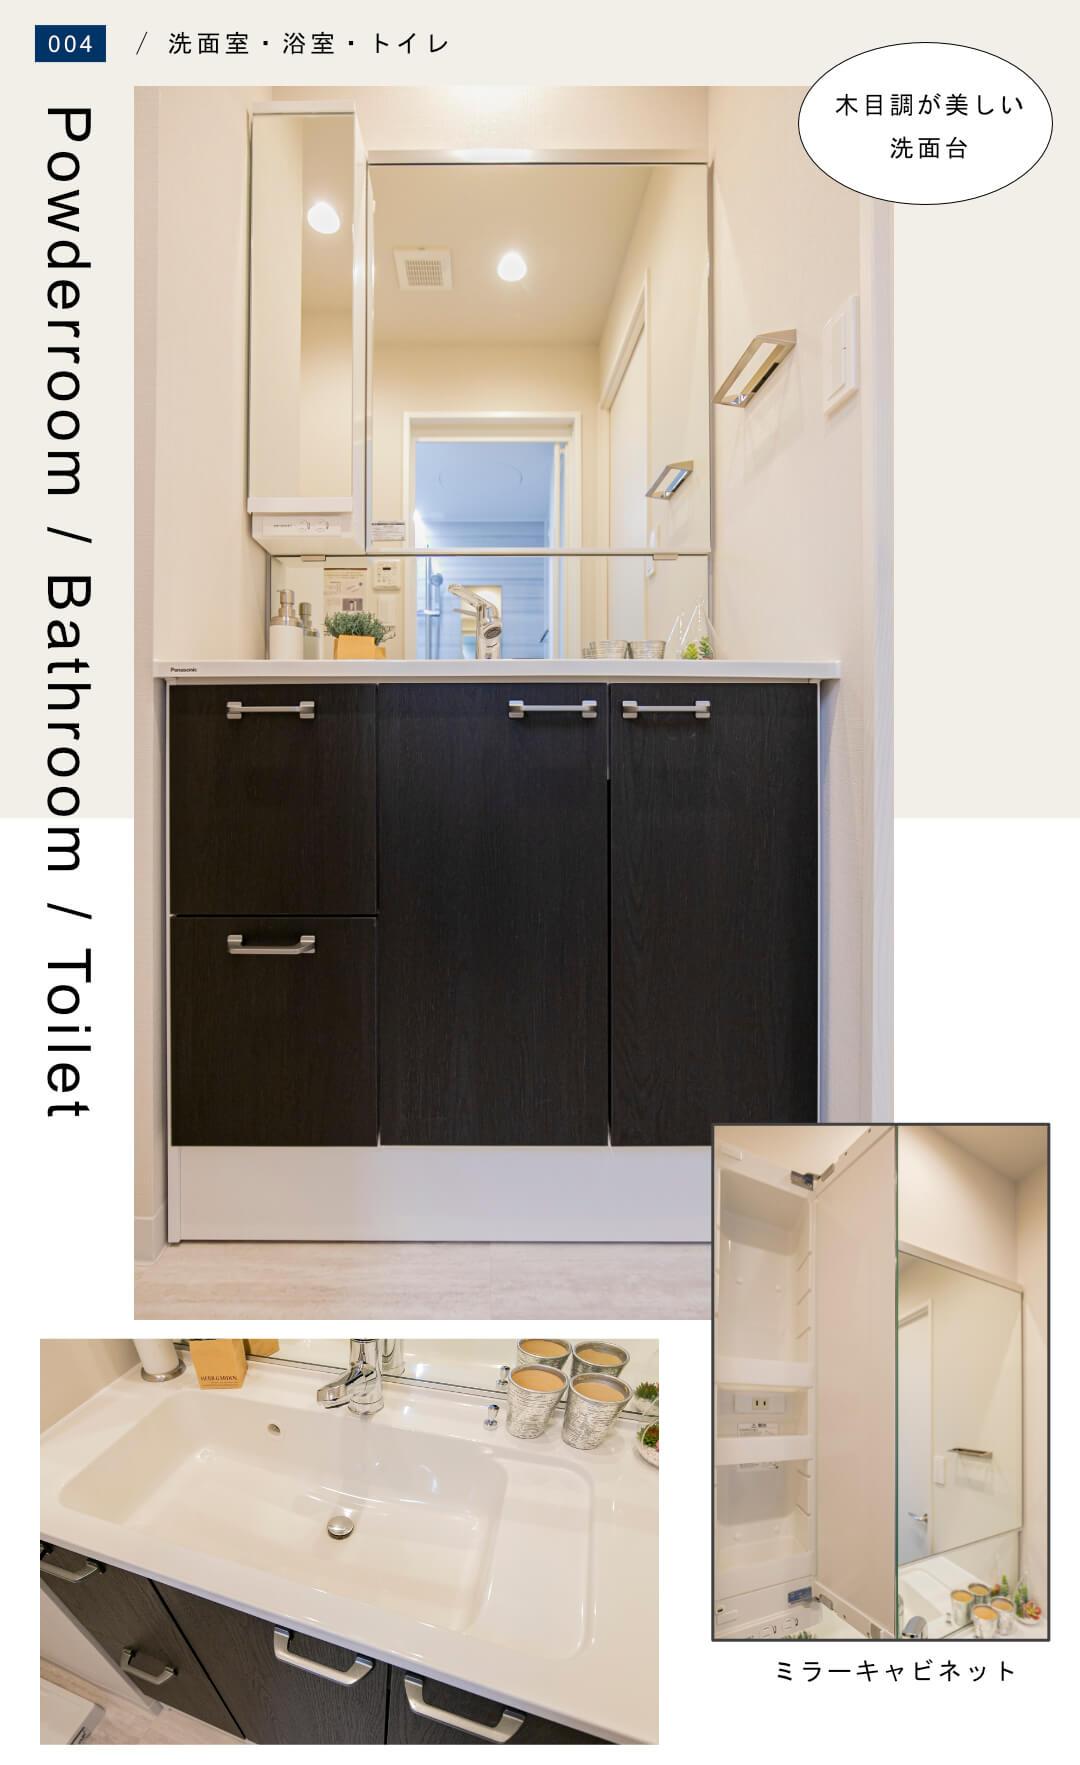 パレ・ドール方南町 207号室の洗面室